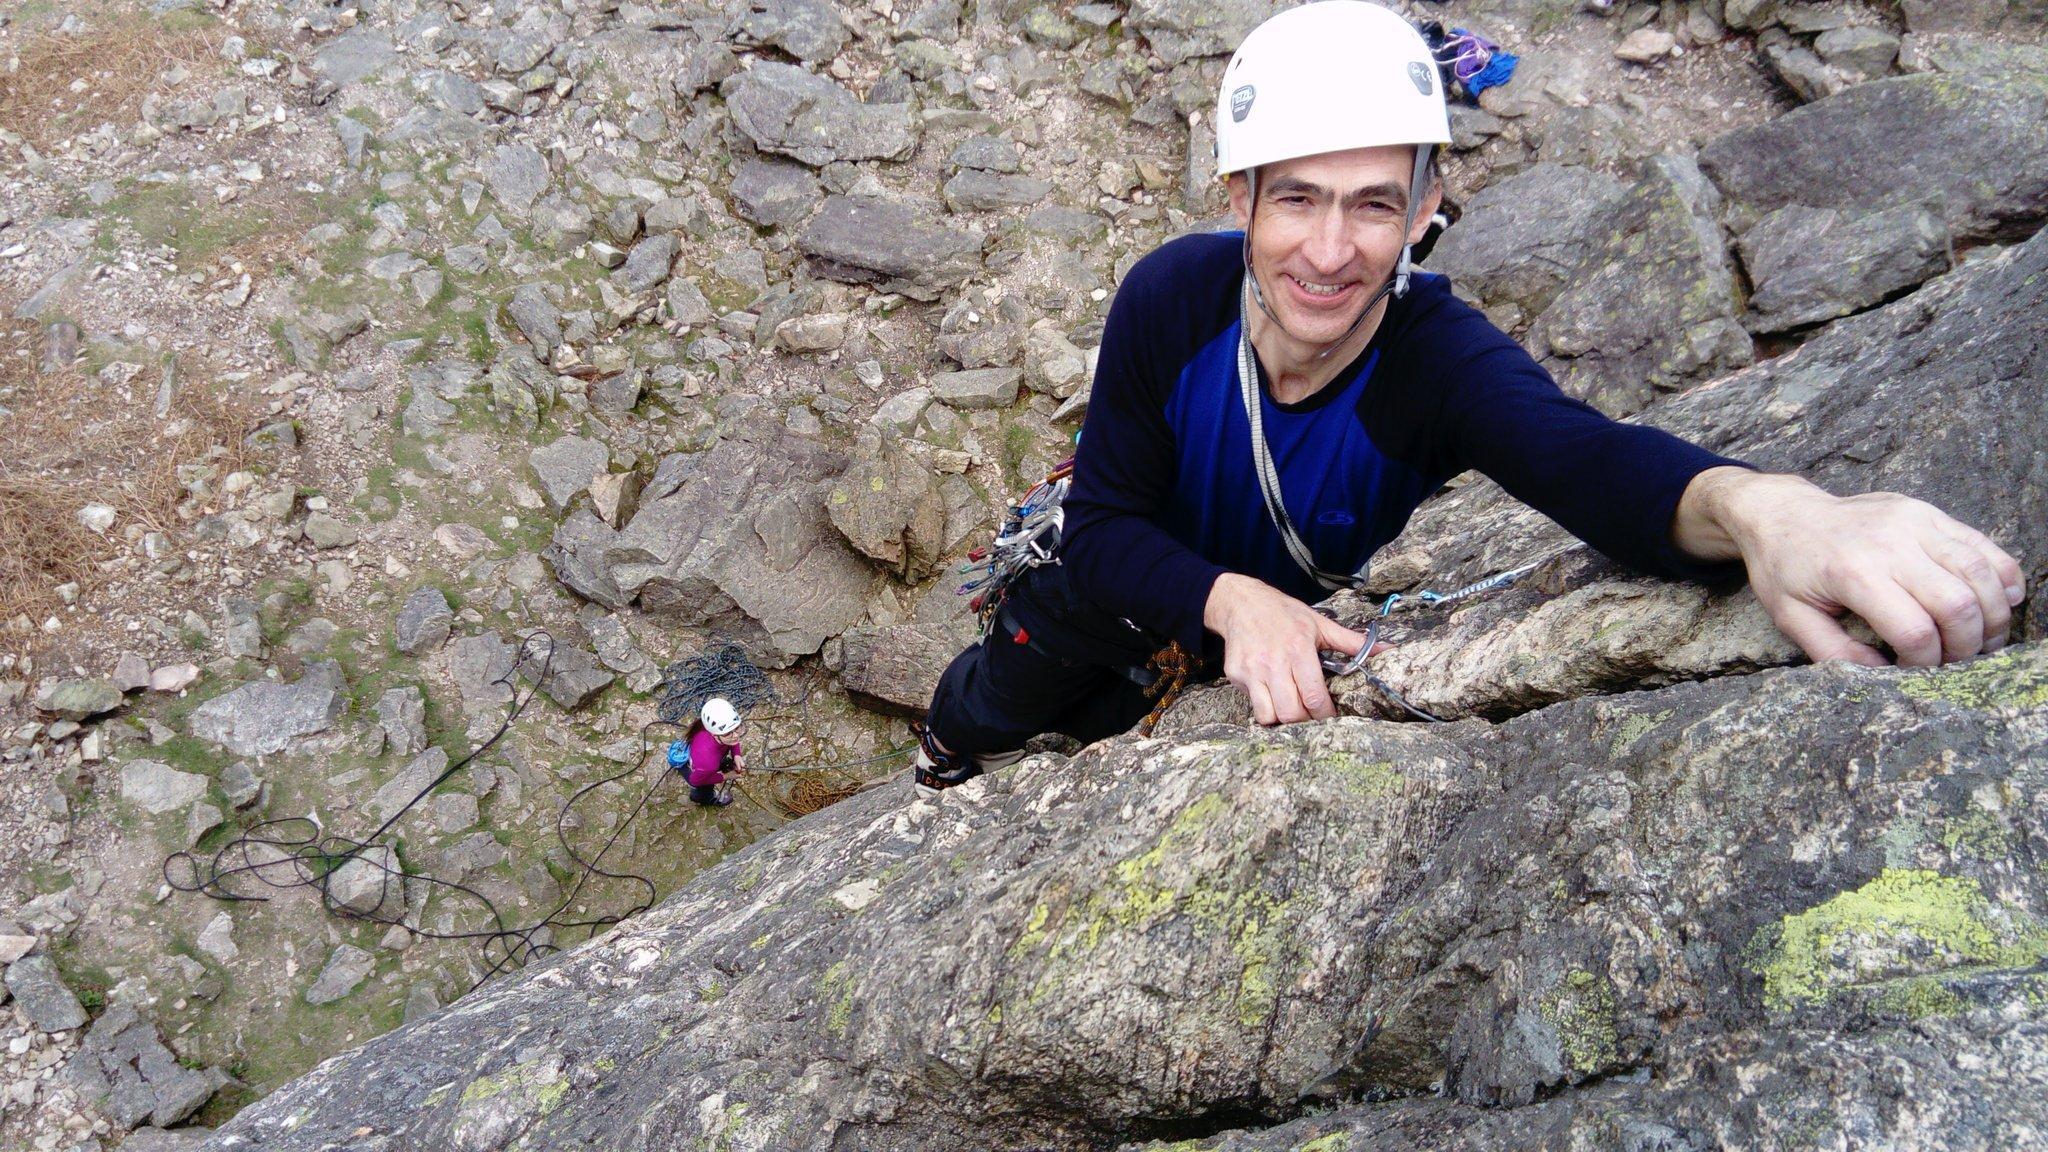 LS 17.04 Bishop Lake District rock climbing 01 rs.jpg